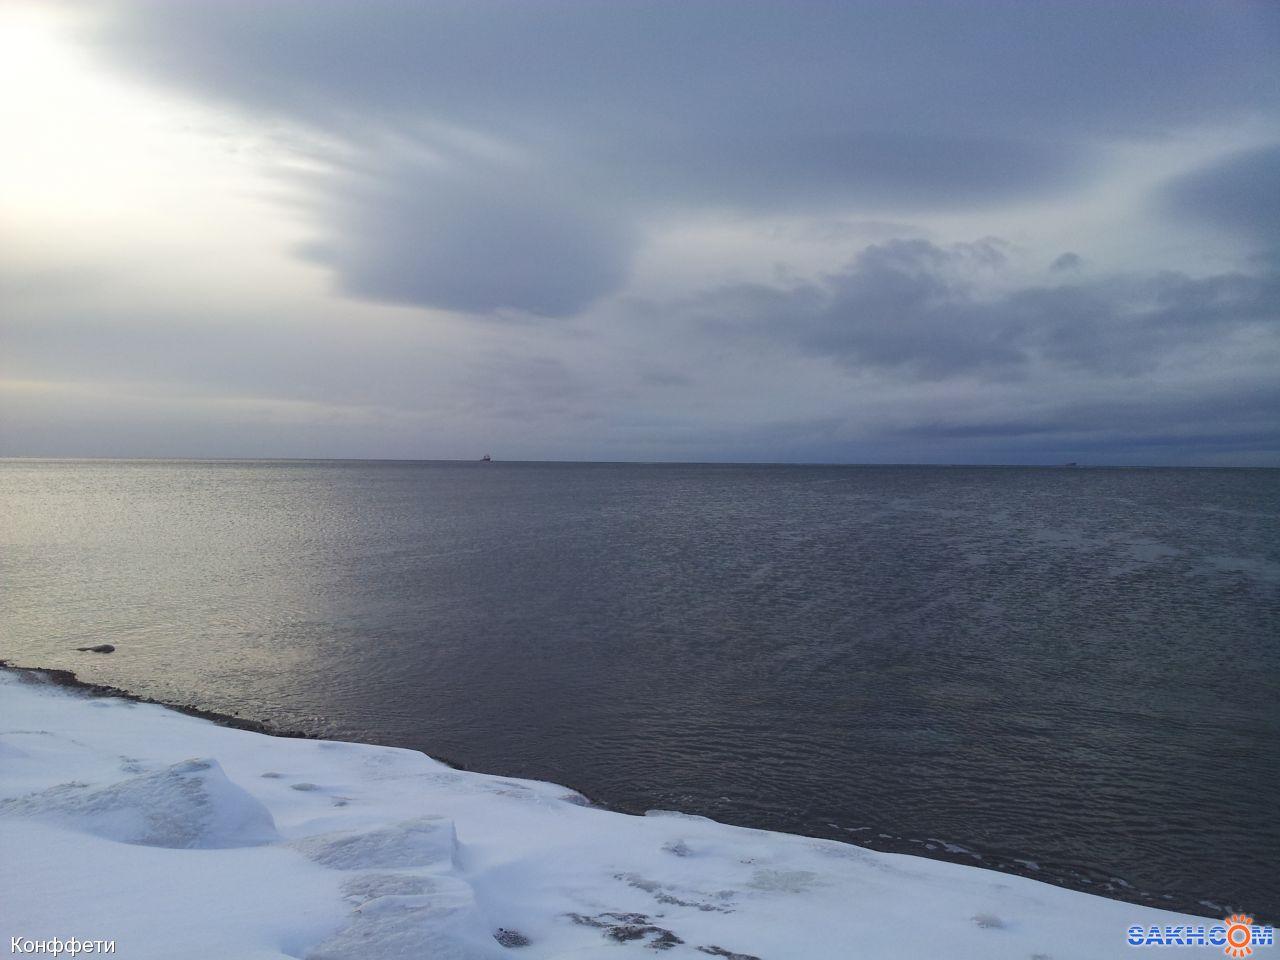 Конффети: Залив Анива